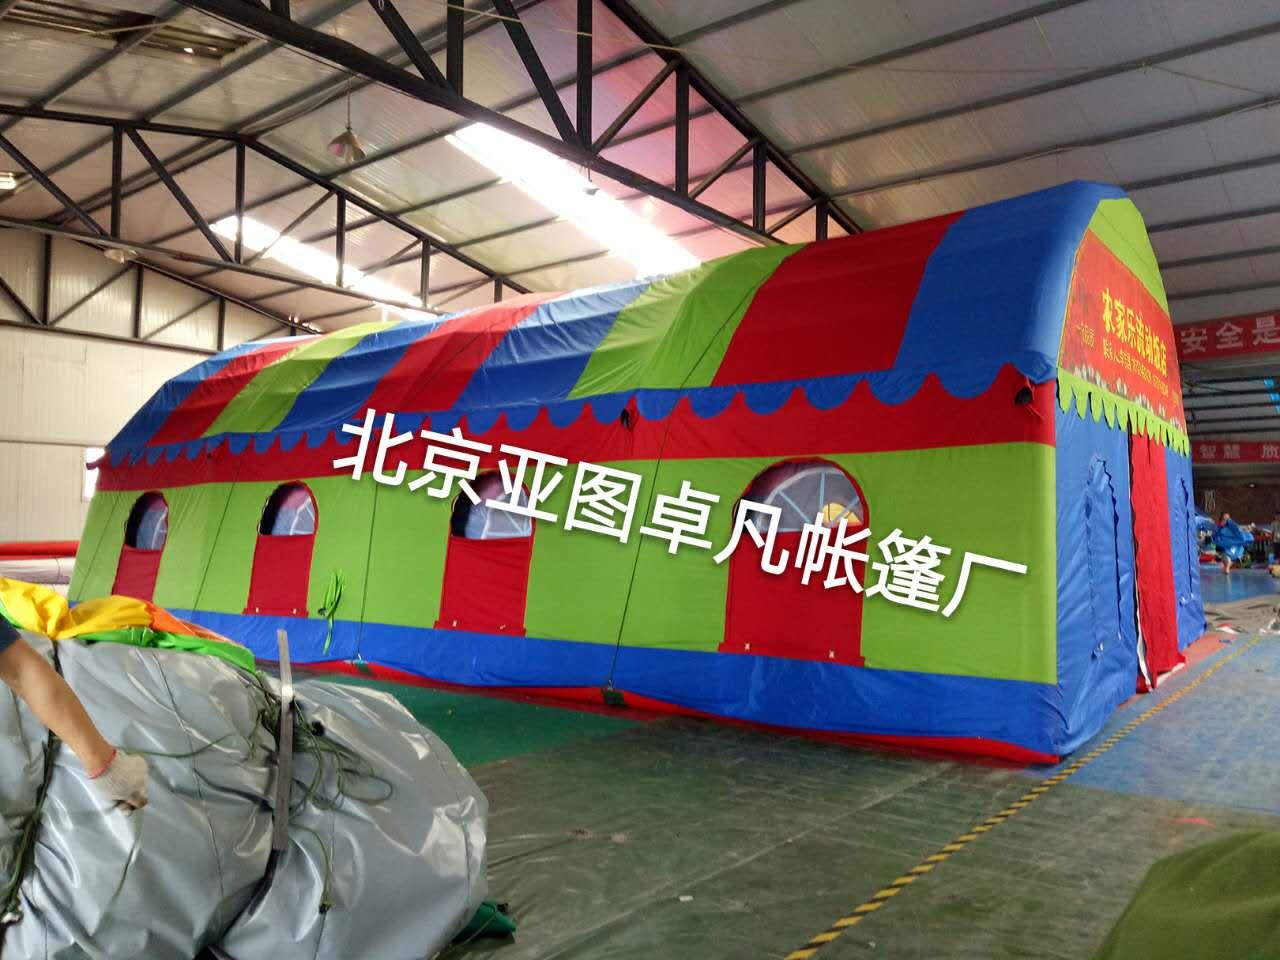 厂家直销大型充气帐篷 婚宴事宴红白事通用移动大棚